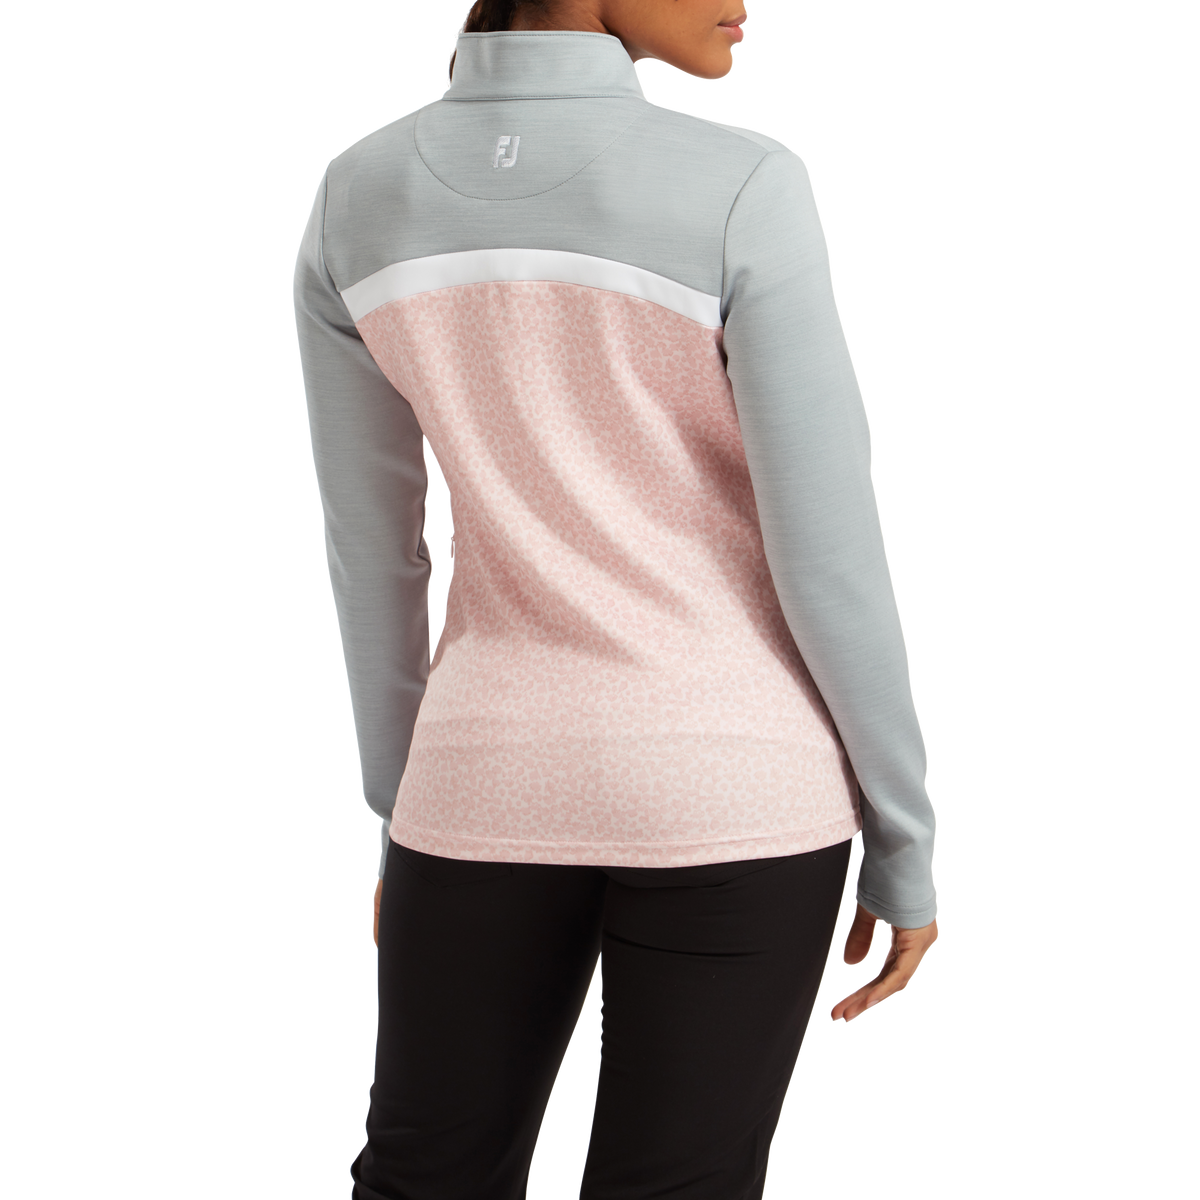 Pullover Full-Zip blocs de couleurs & imprimé camouflage pour femme